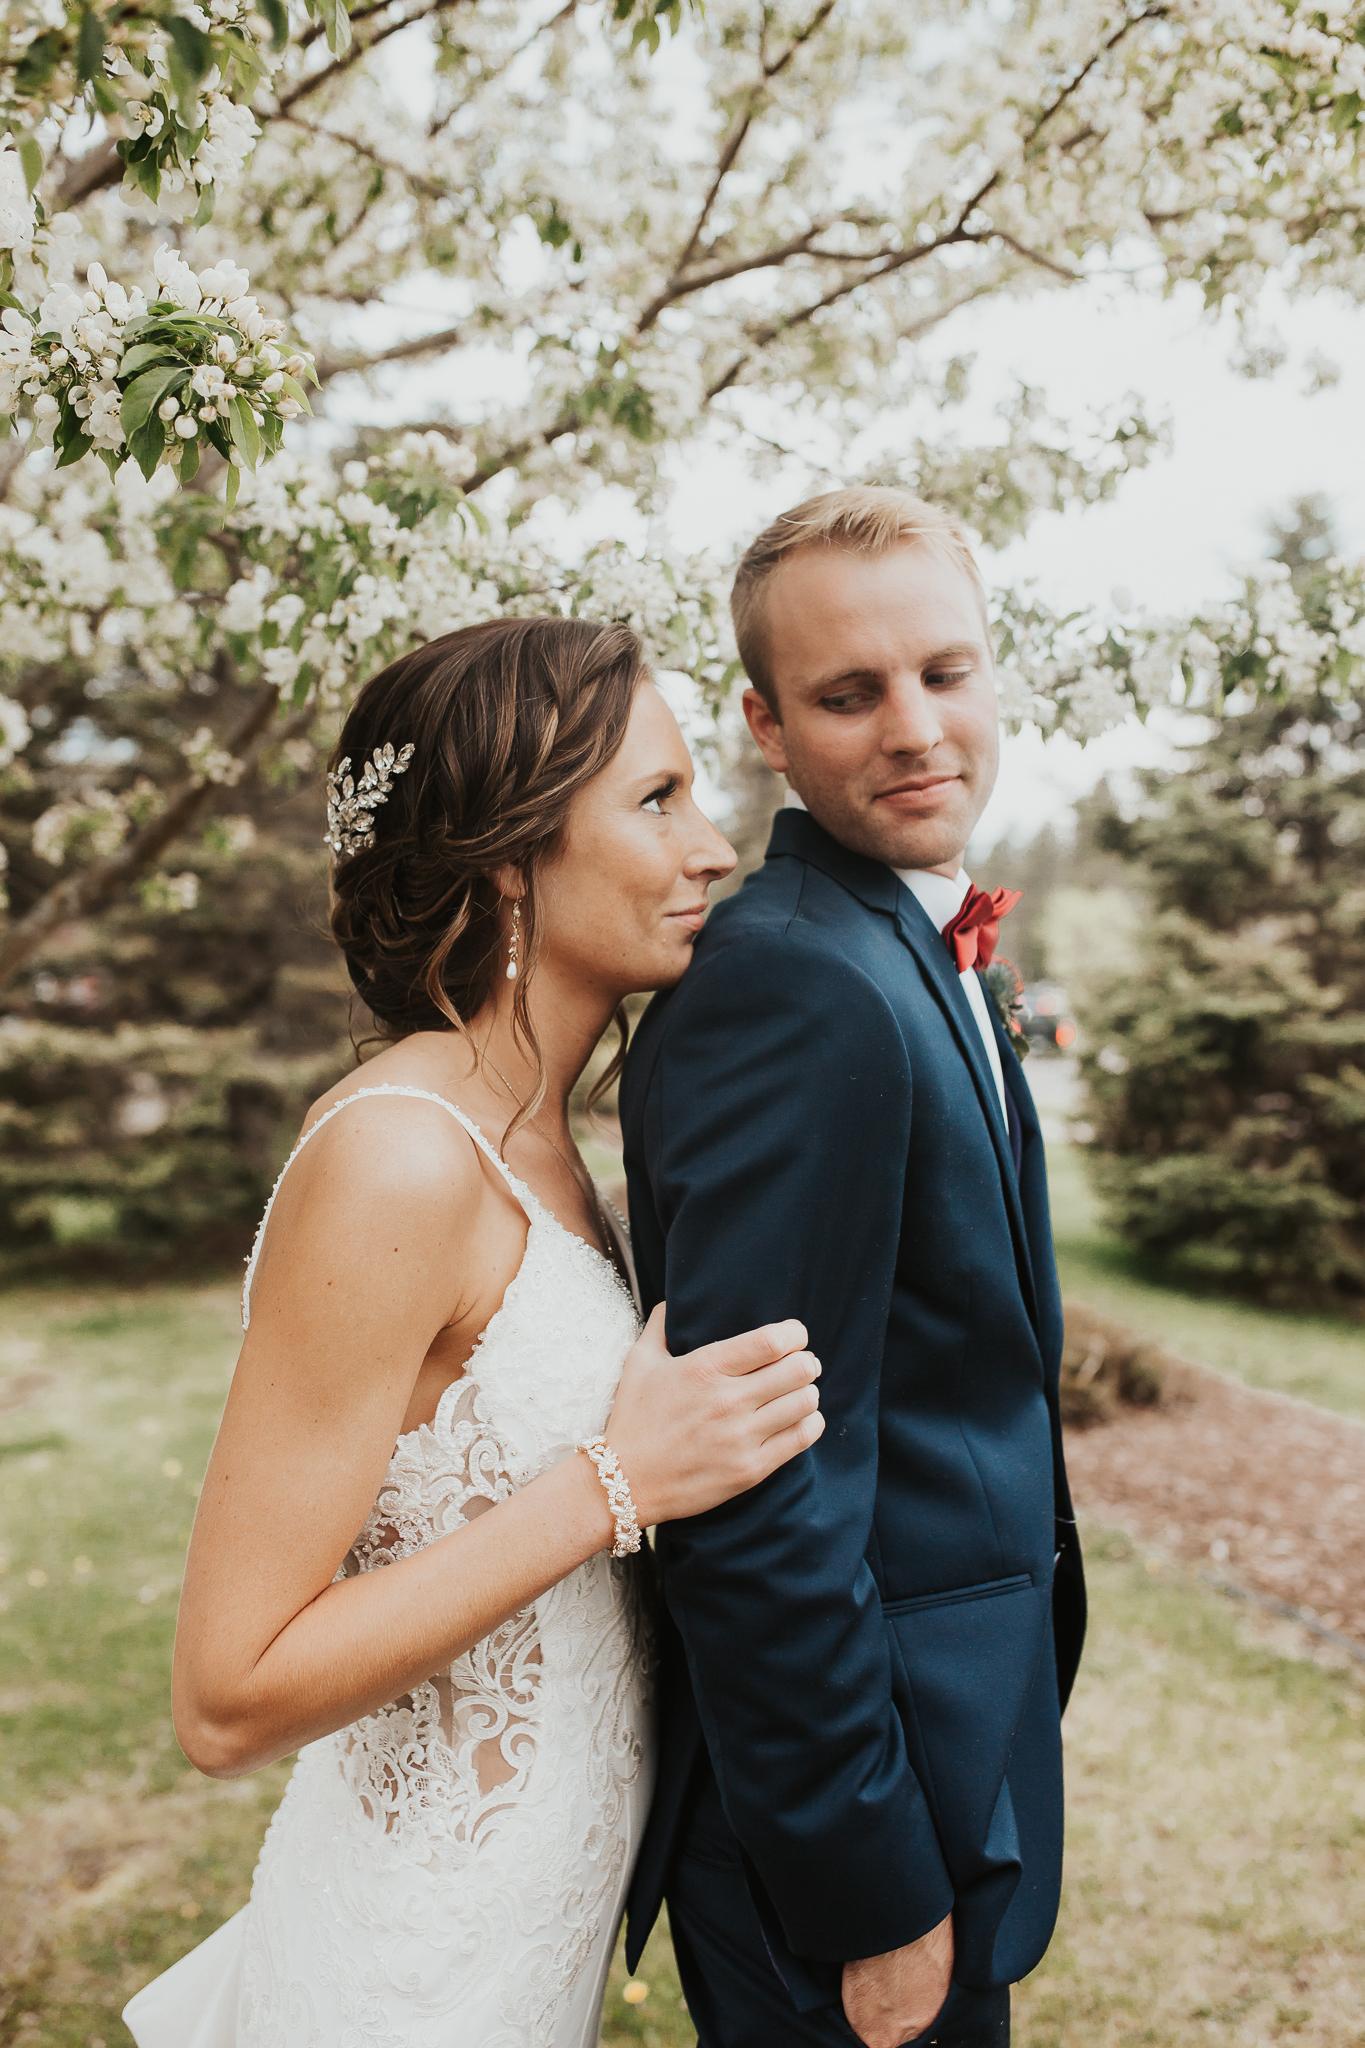 AlexJanie_Wedding-30.jpg